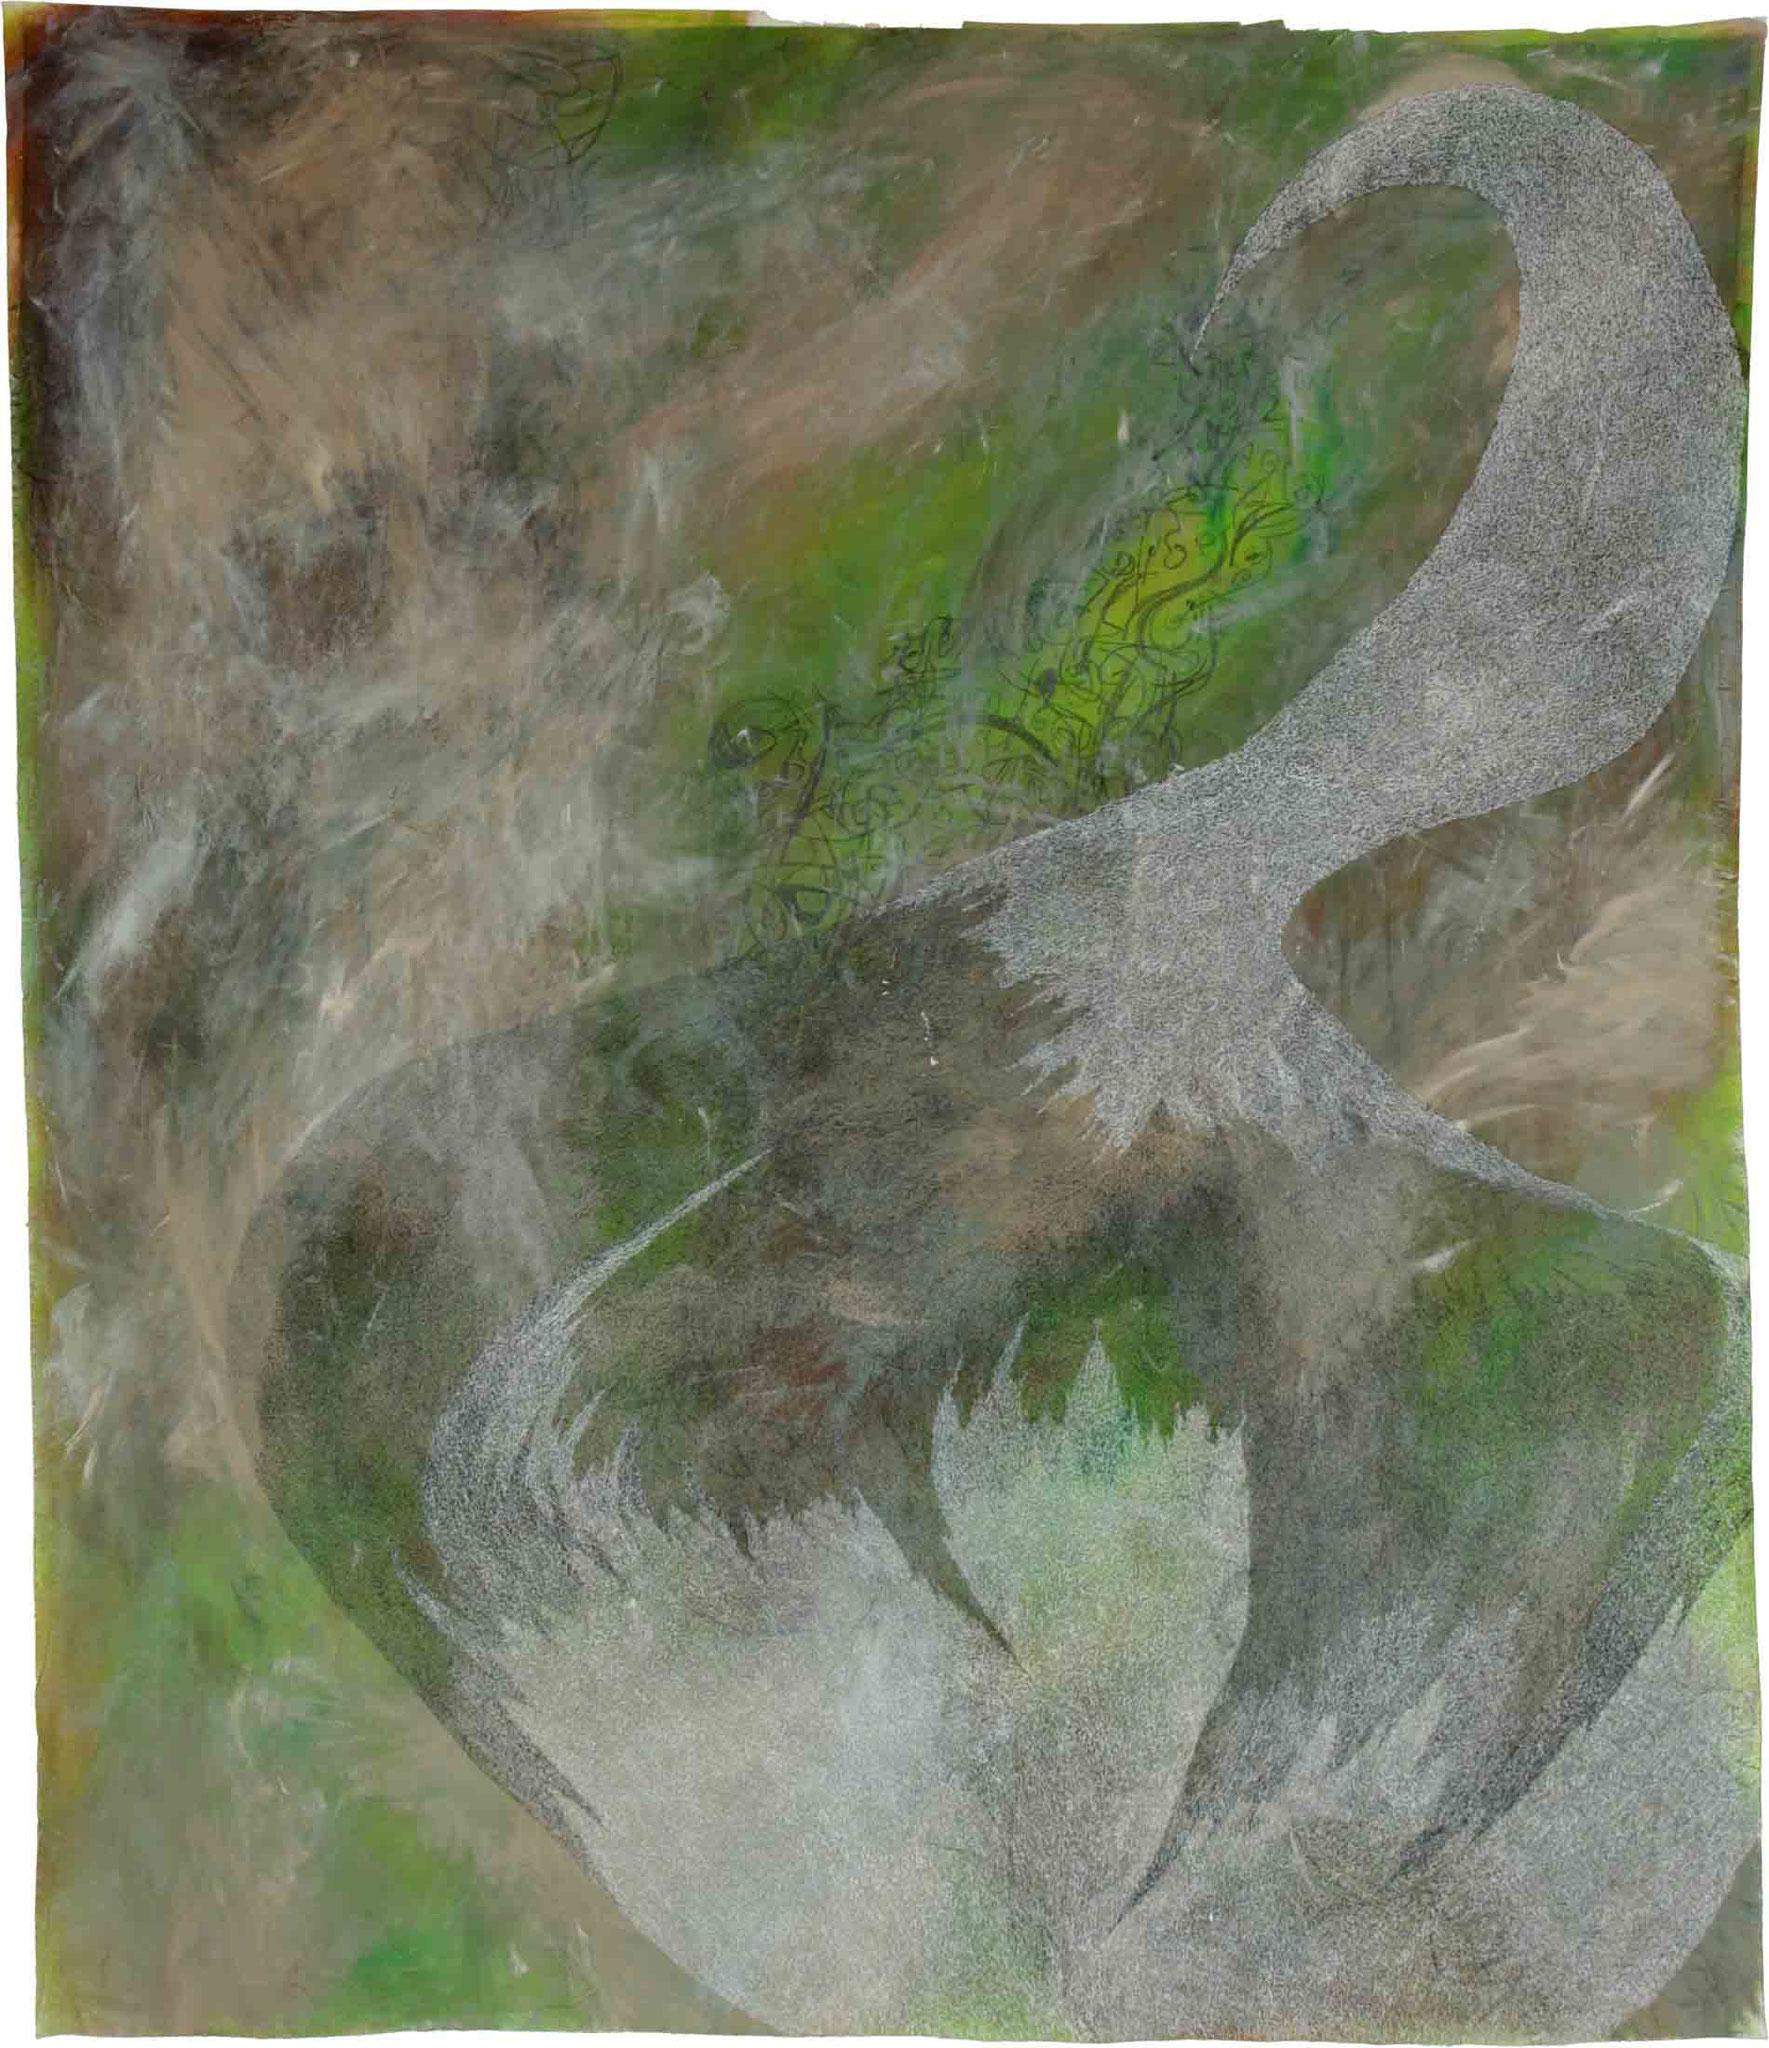 ohne Titel 4, 2012, Mischtechnik auf Leinwand, 192 x 165 cm